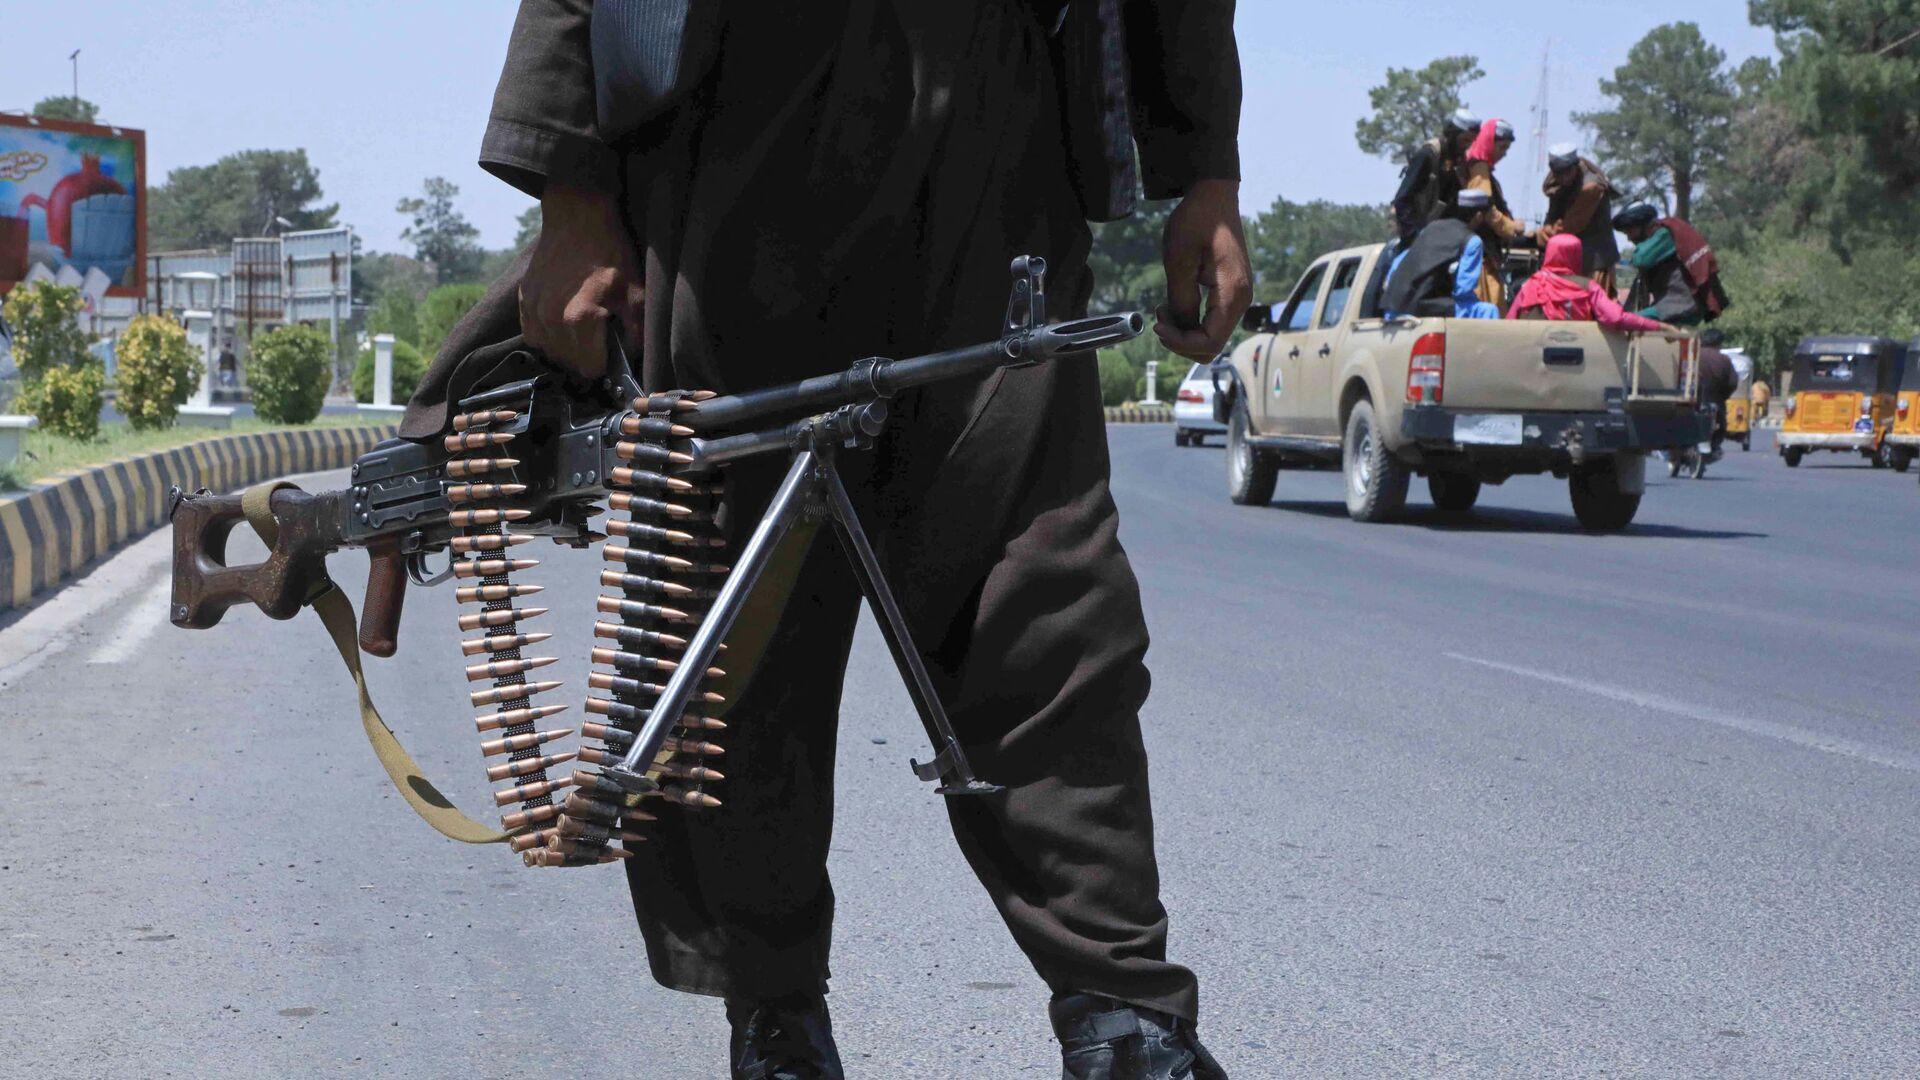 Bojownik Talibanu* na ulicy w afgańskim mieście Herat - Sputnik Polska, 1920, 17.08.2021